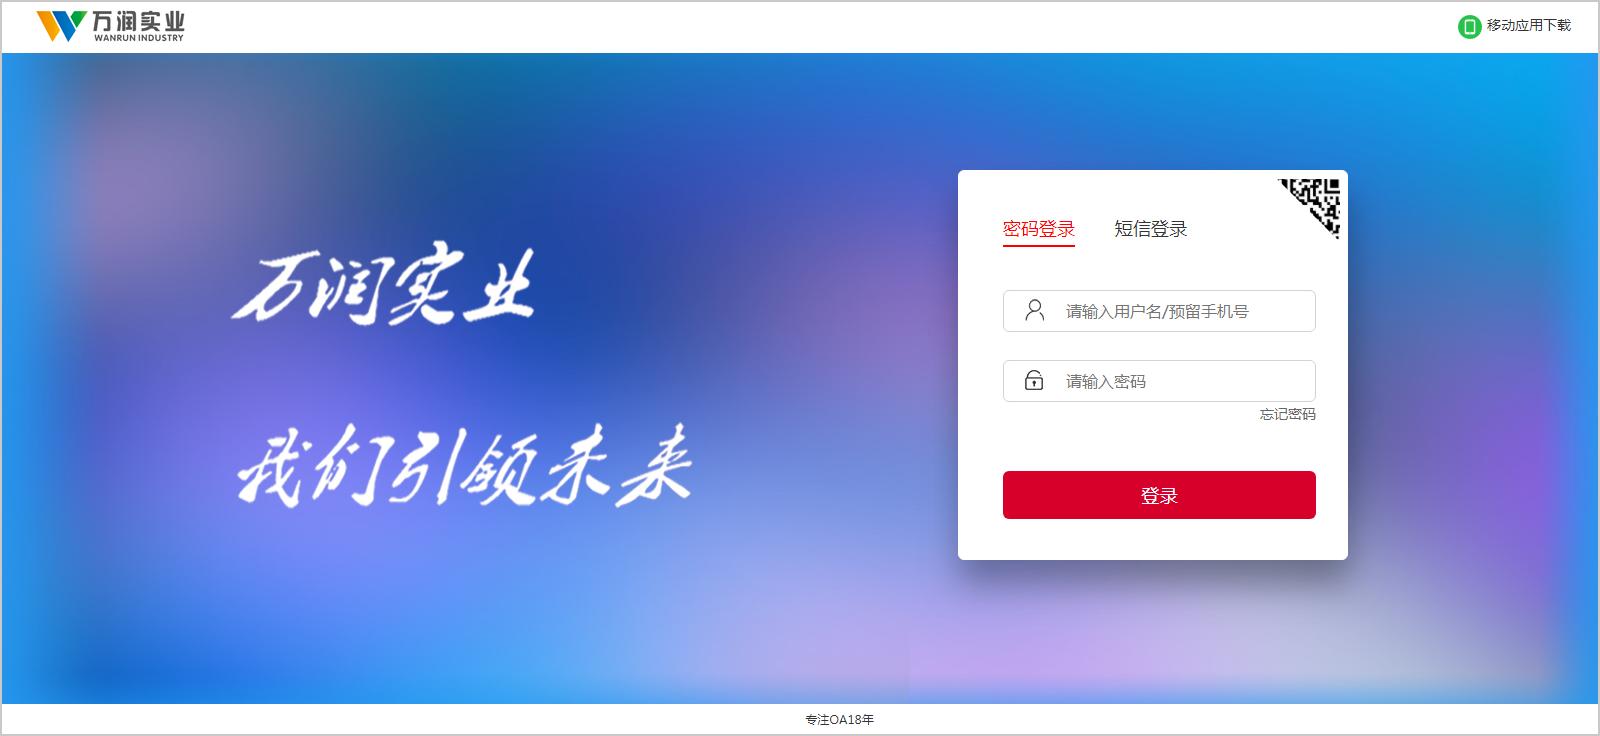 河南万润实业集团再度携手华天动力OA系统打造智慧决策平台